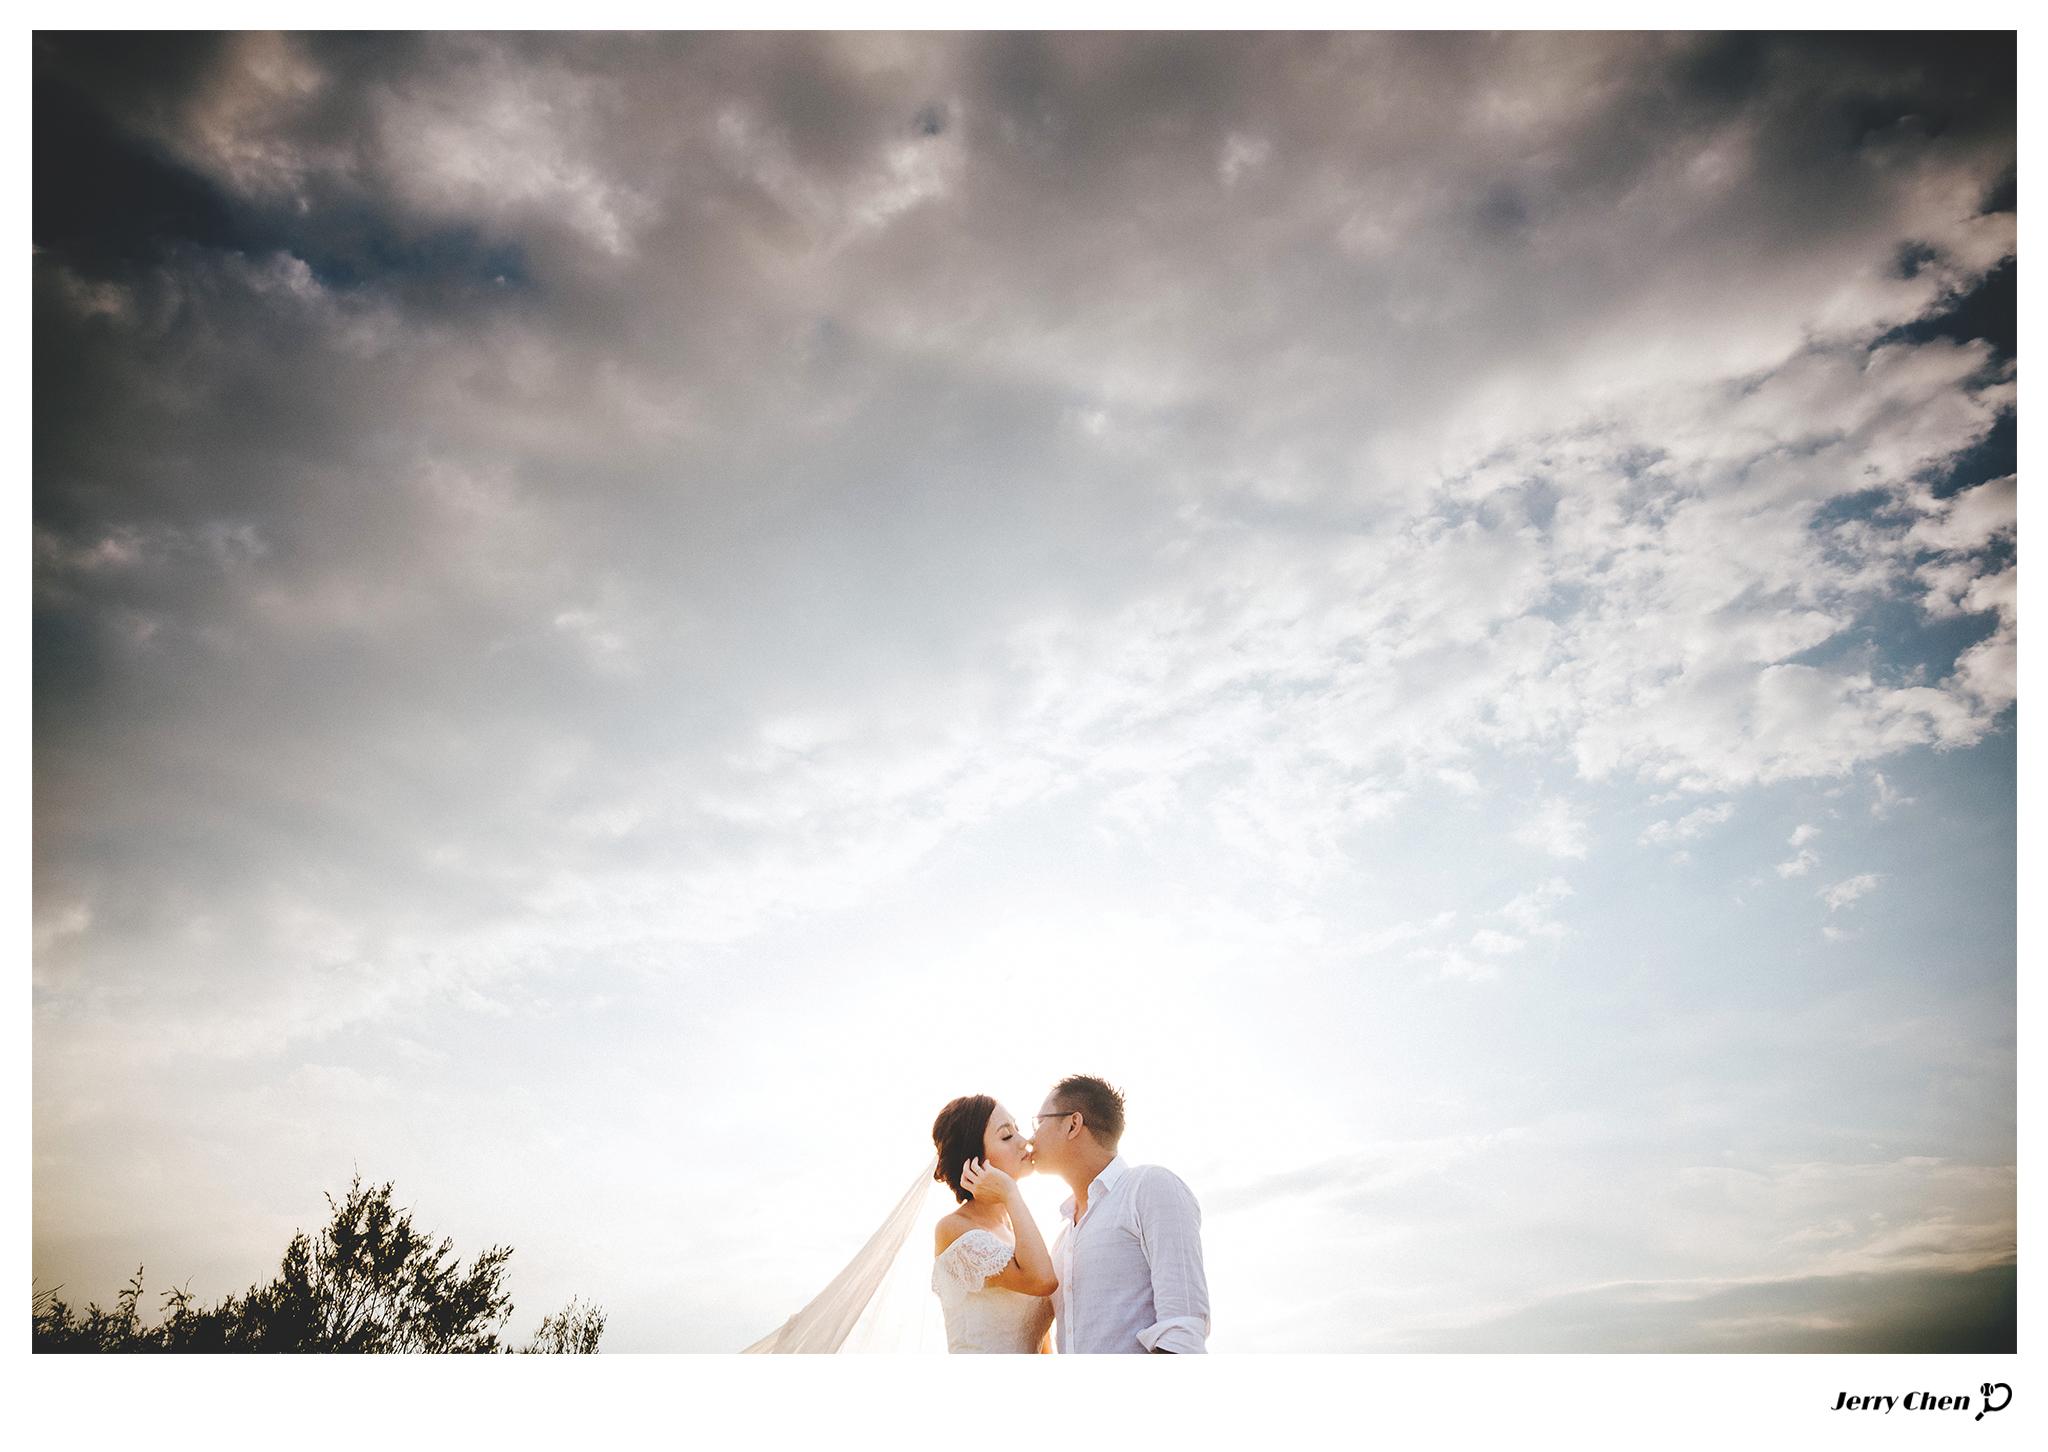 [淡水沙崙海灘夕陽婚紗攝影 - Pre-Wedding Photography] 大寶 + 張簡